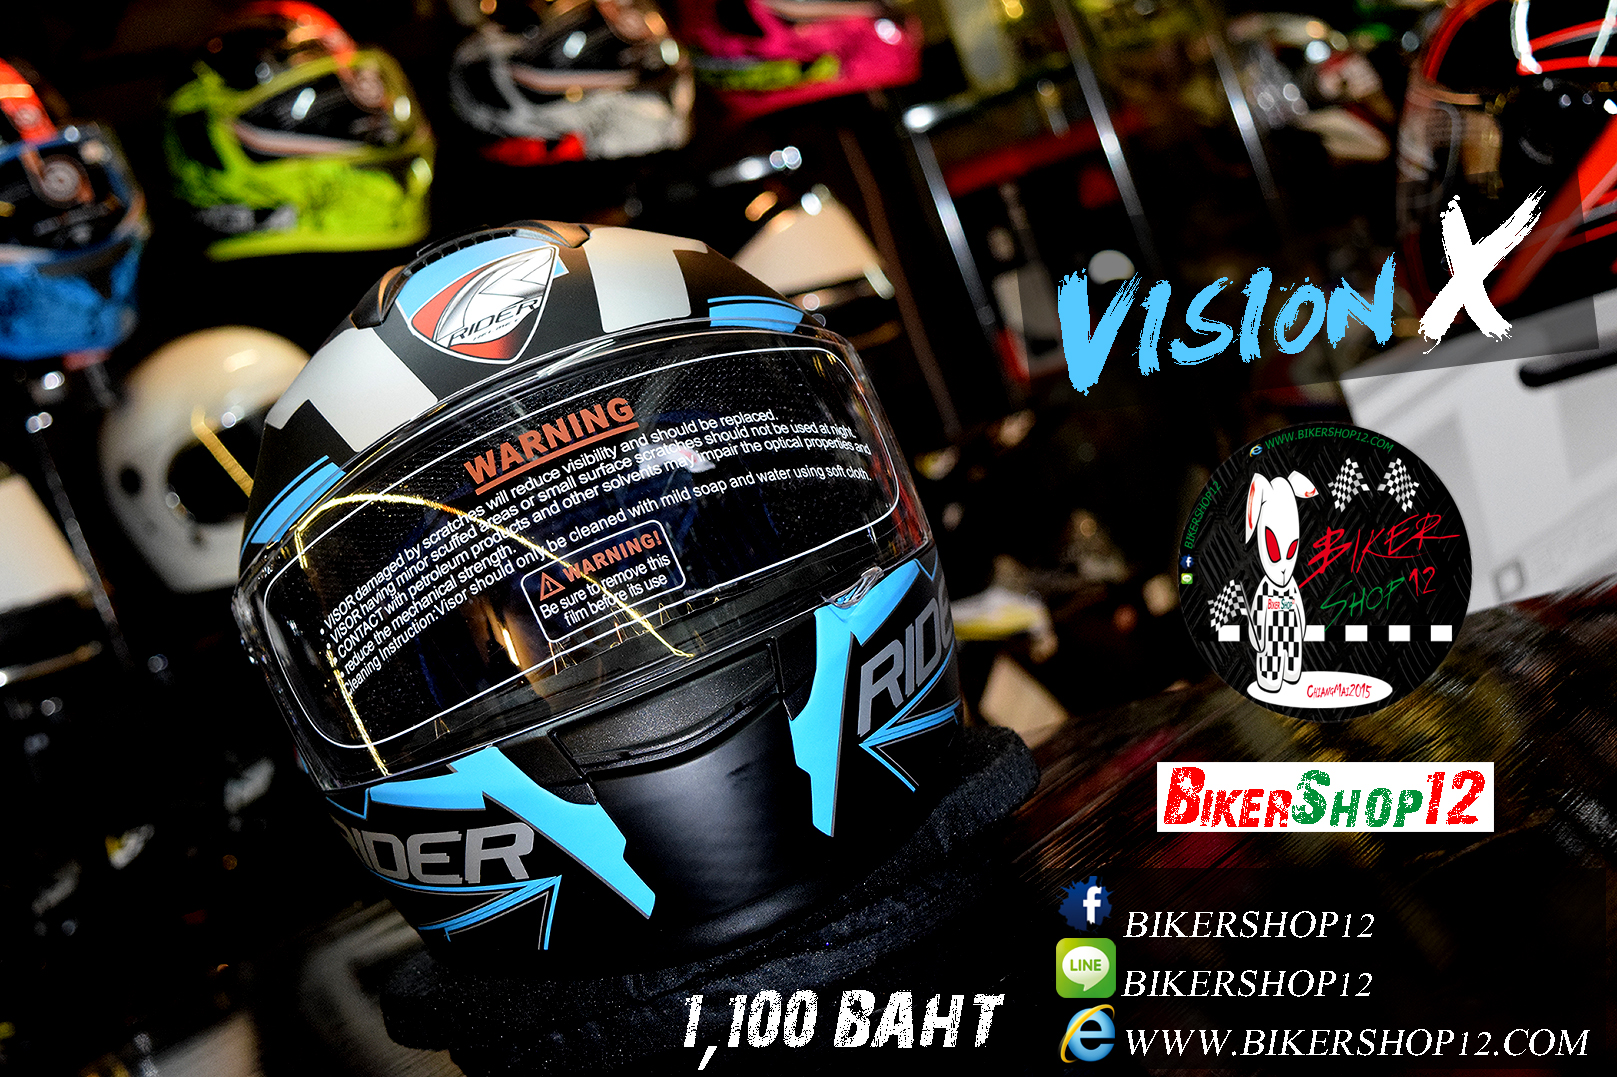 หมวกกันน็อคRider รุ่น Vision X สี Star Blue สำเนา